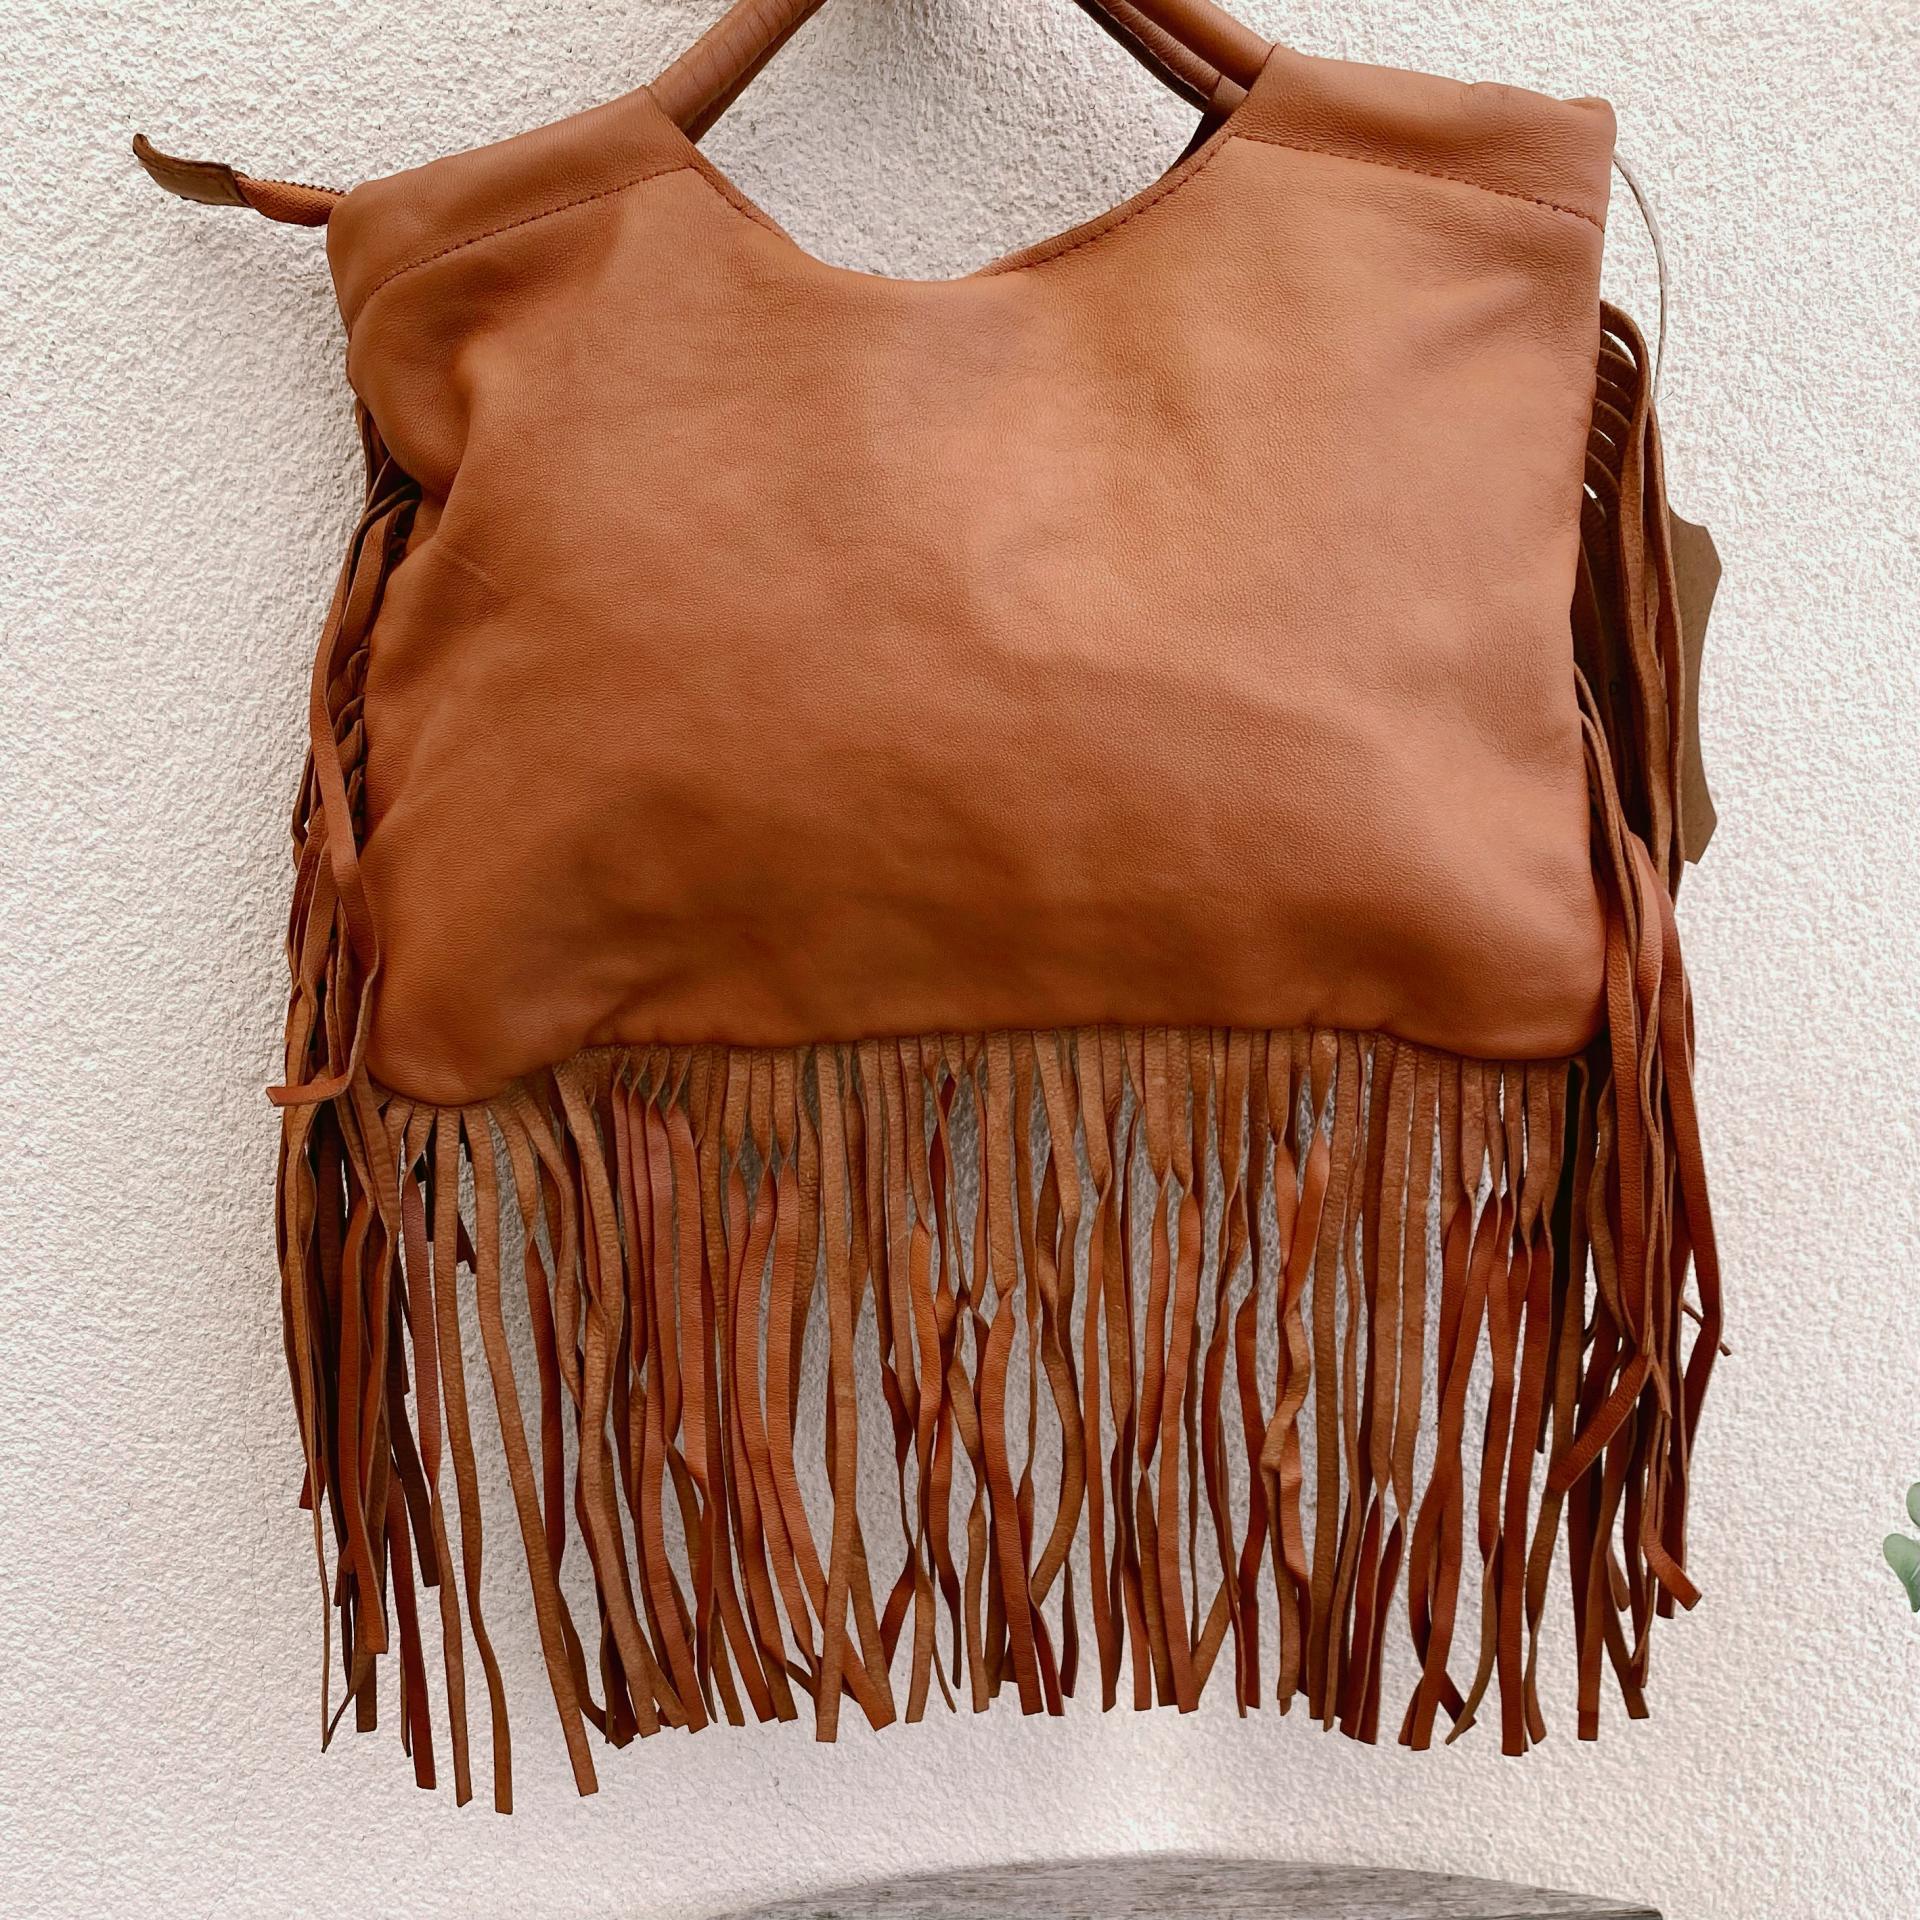 bolso cartera boho marrón